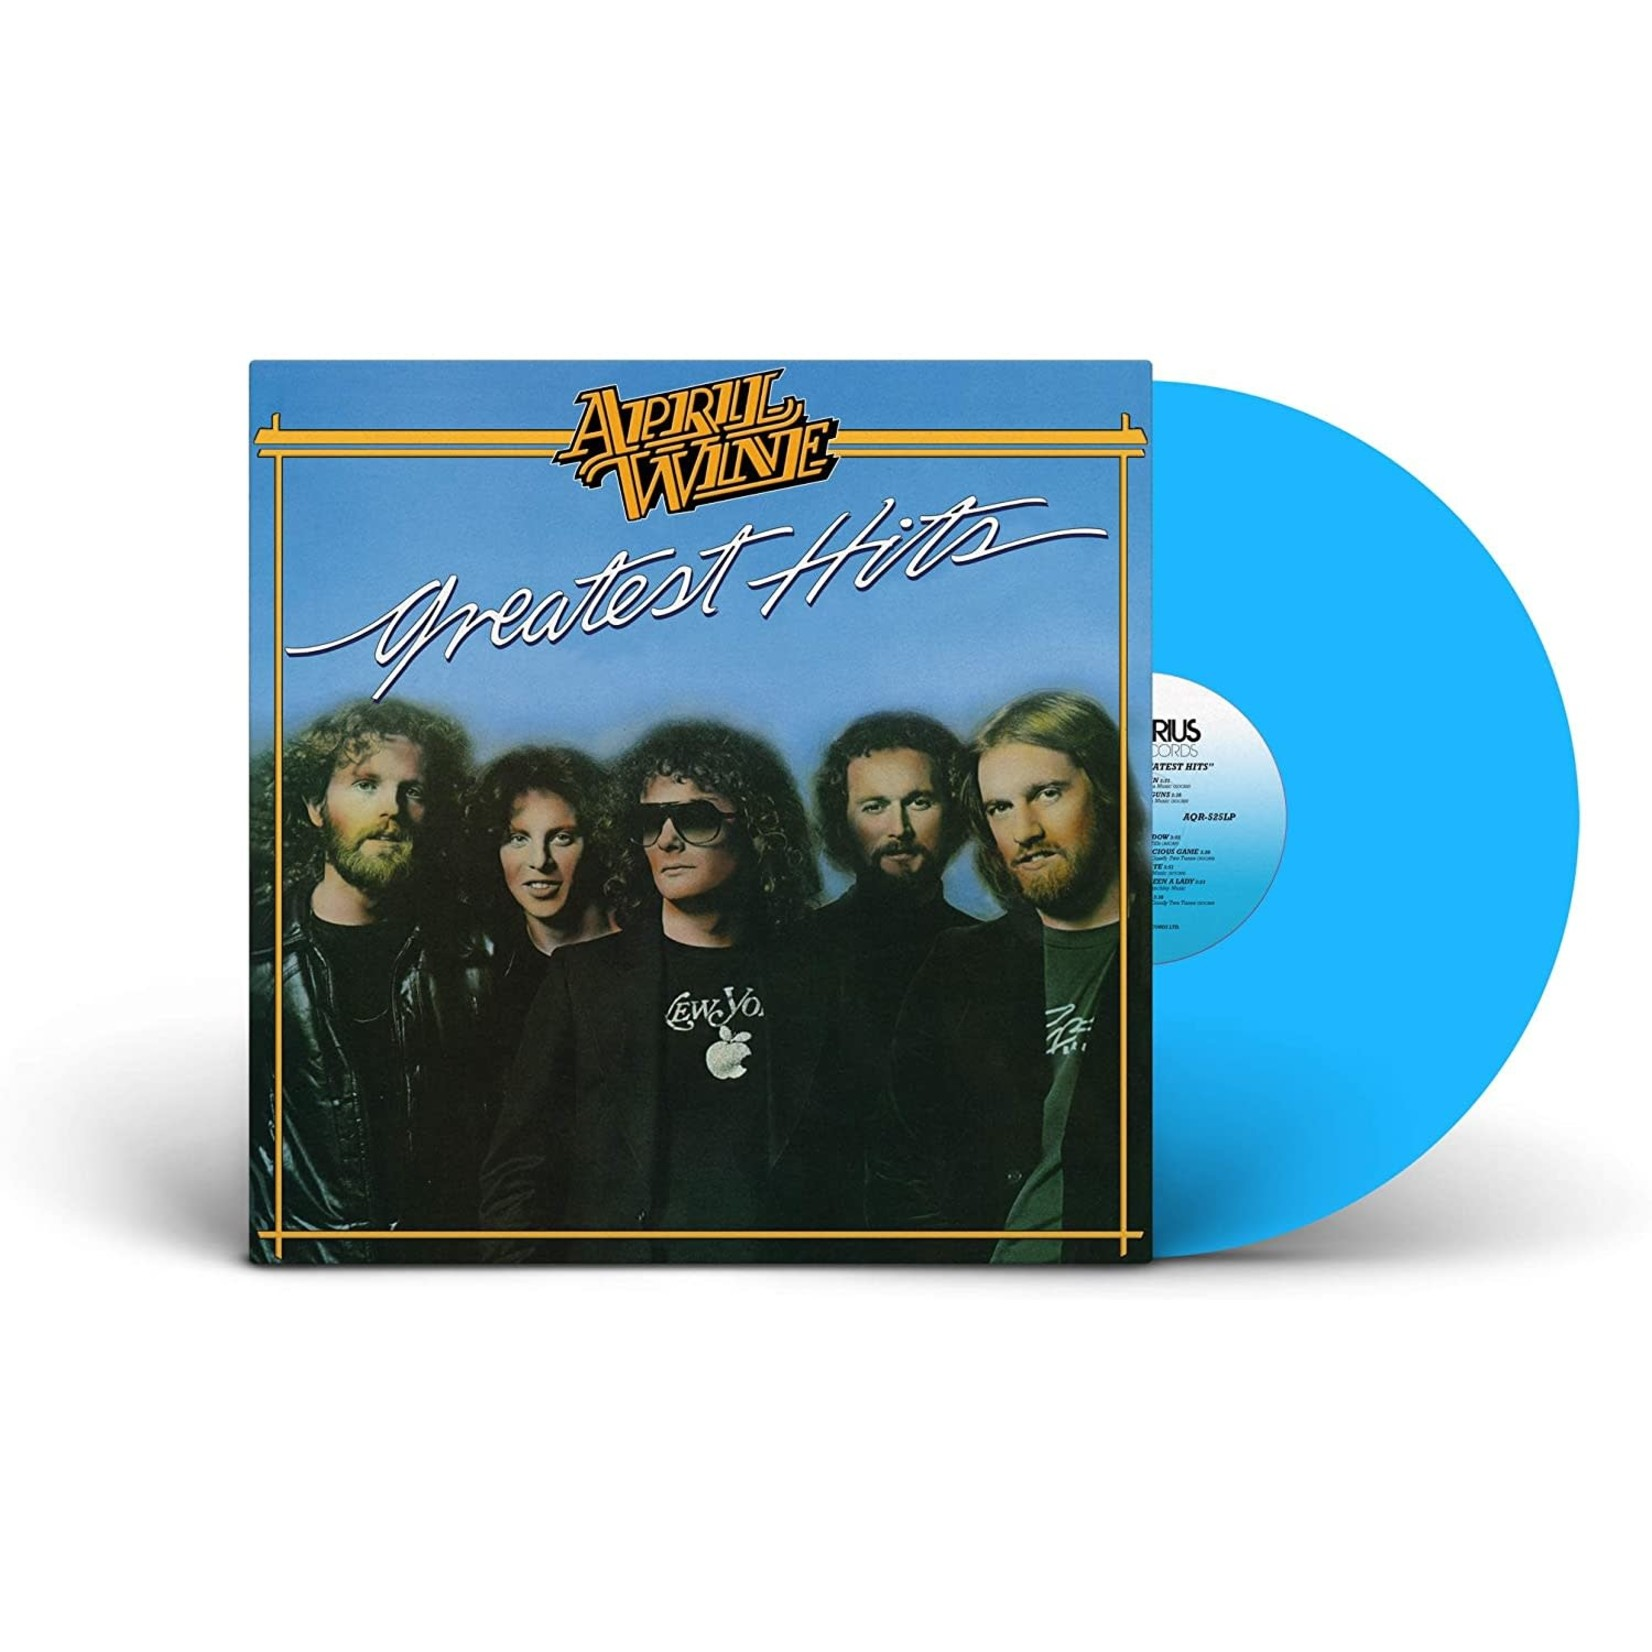 APRIL WINE GREATEST HITS   OPAQUE BLUE VINYL LP